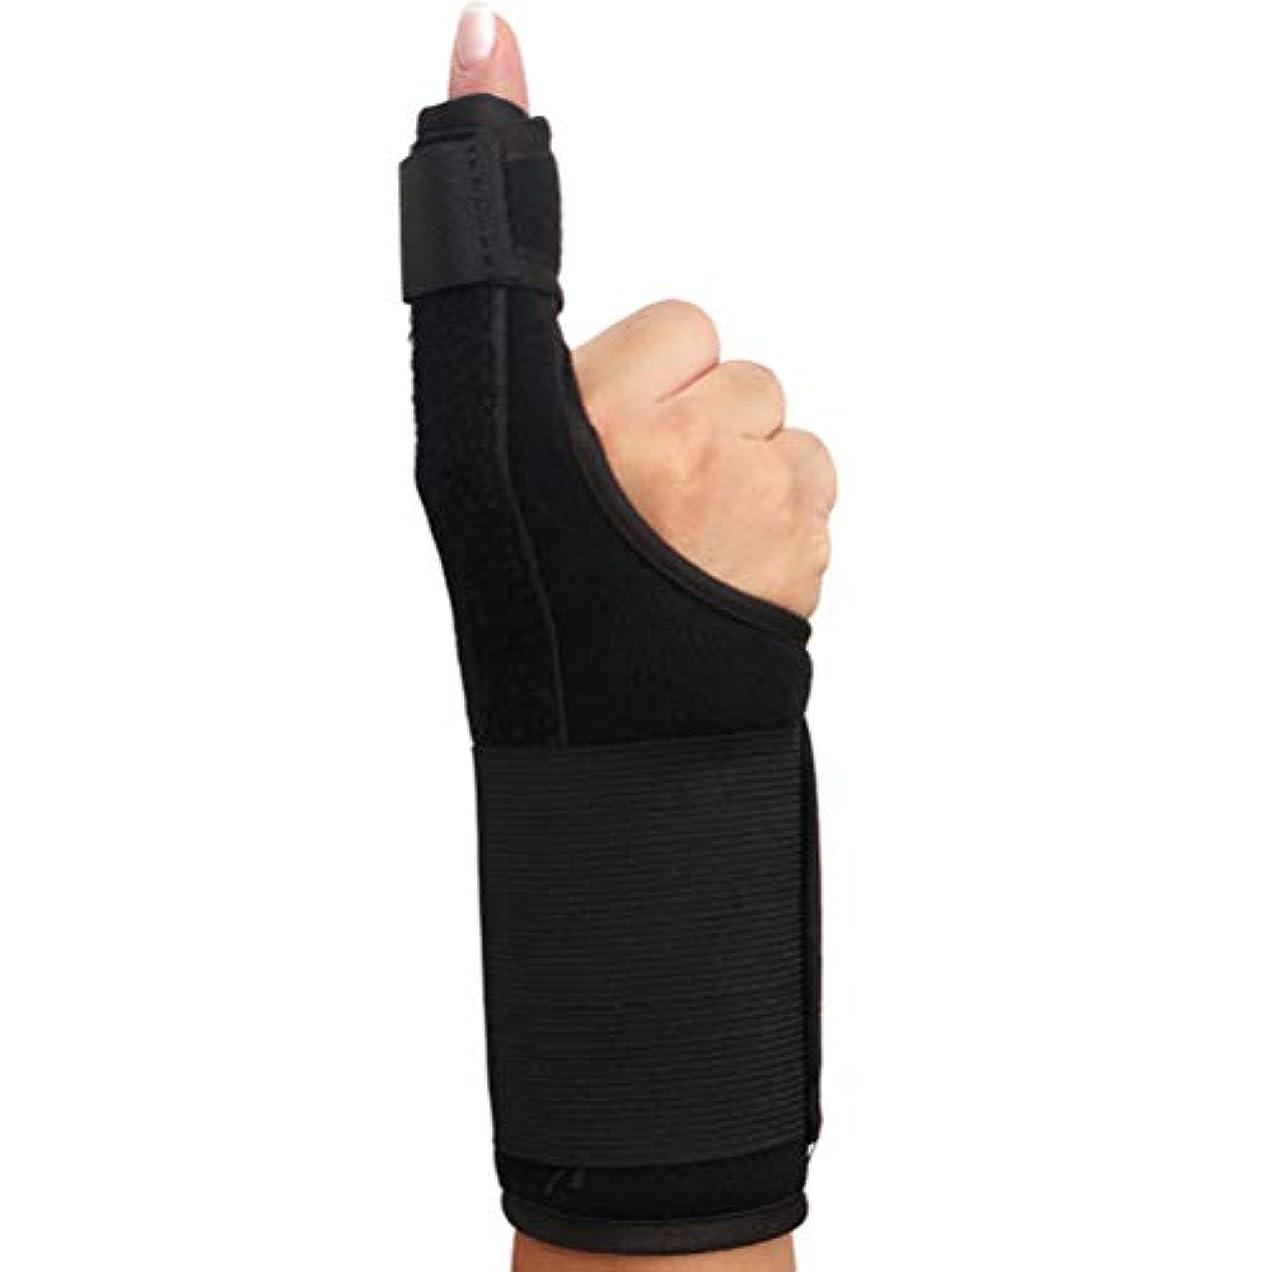 買収わずらわしいスプレーSUPVOXフィンガースプリント関節炎サムスプリントフィンガーブレースサポートガードスプリント矯正壊れた指用リストストラップ